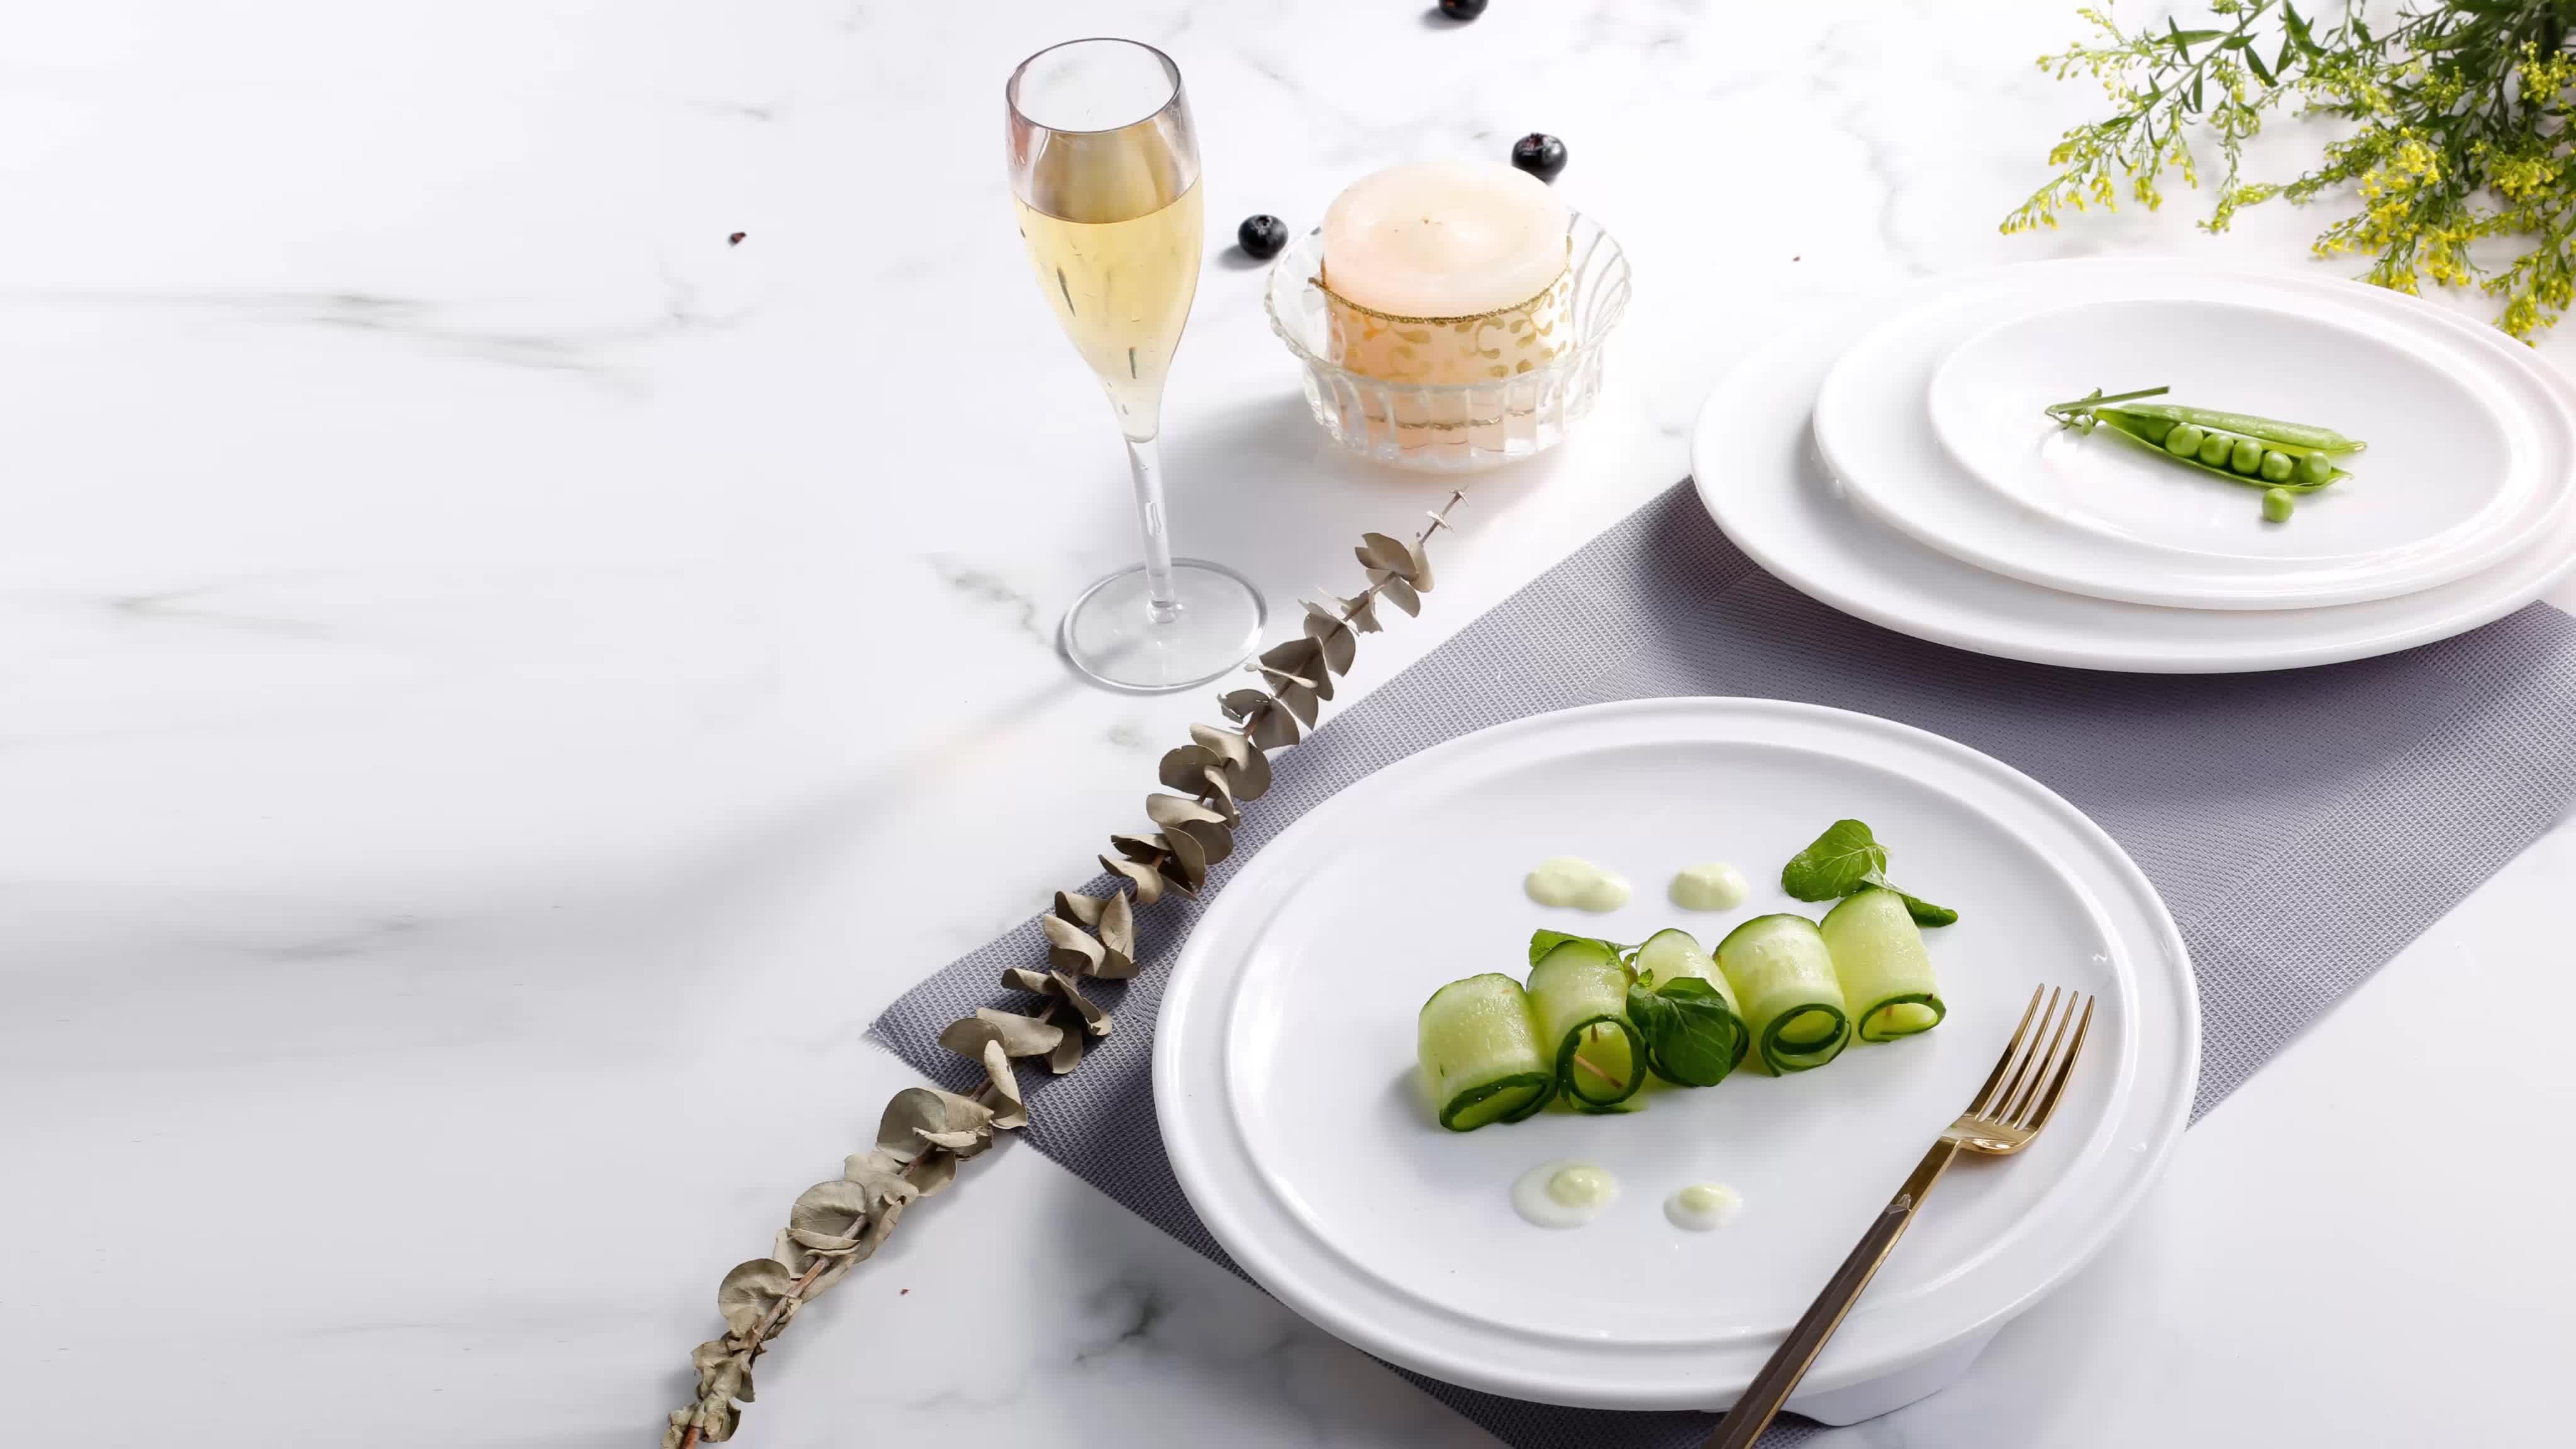 Wholesale melamine plastic white dinner plates for wedding